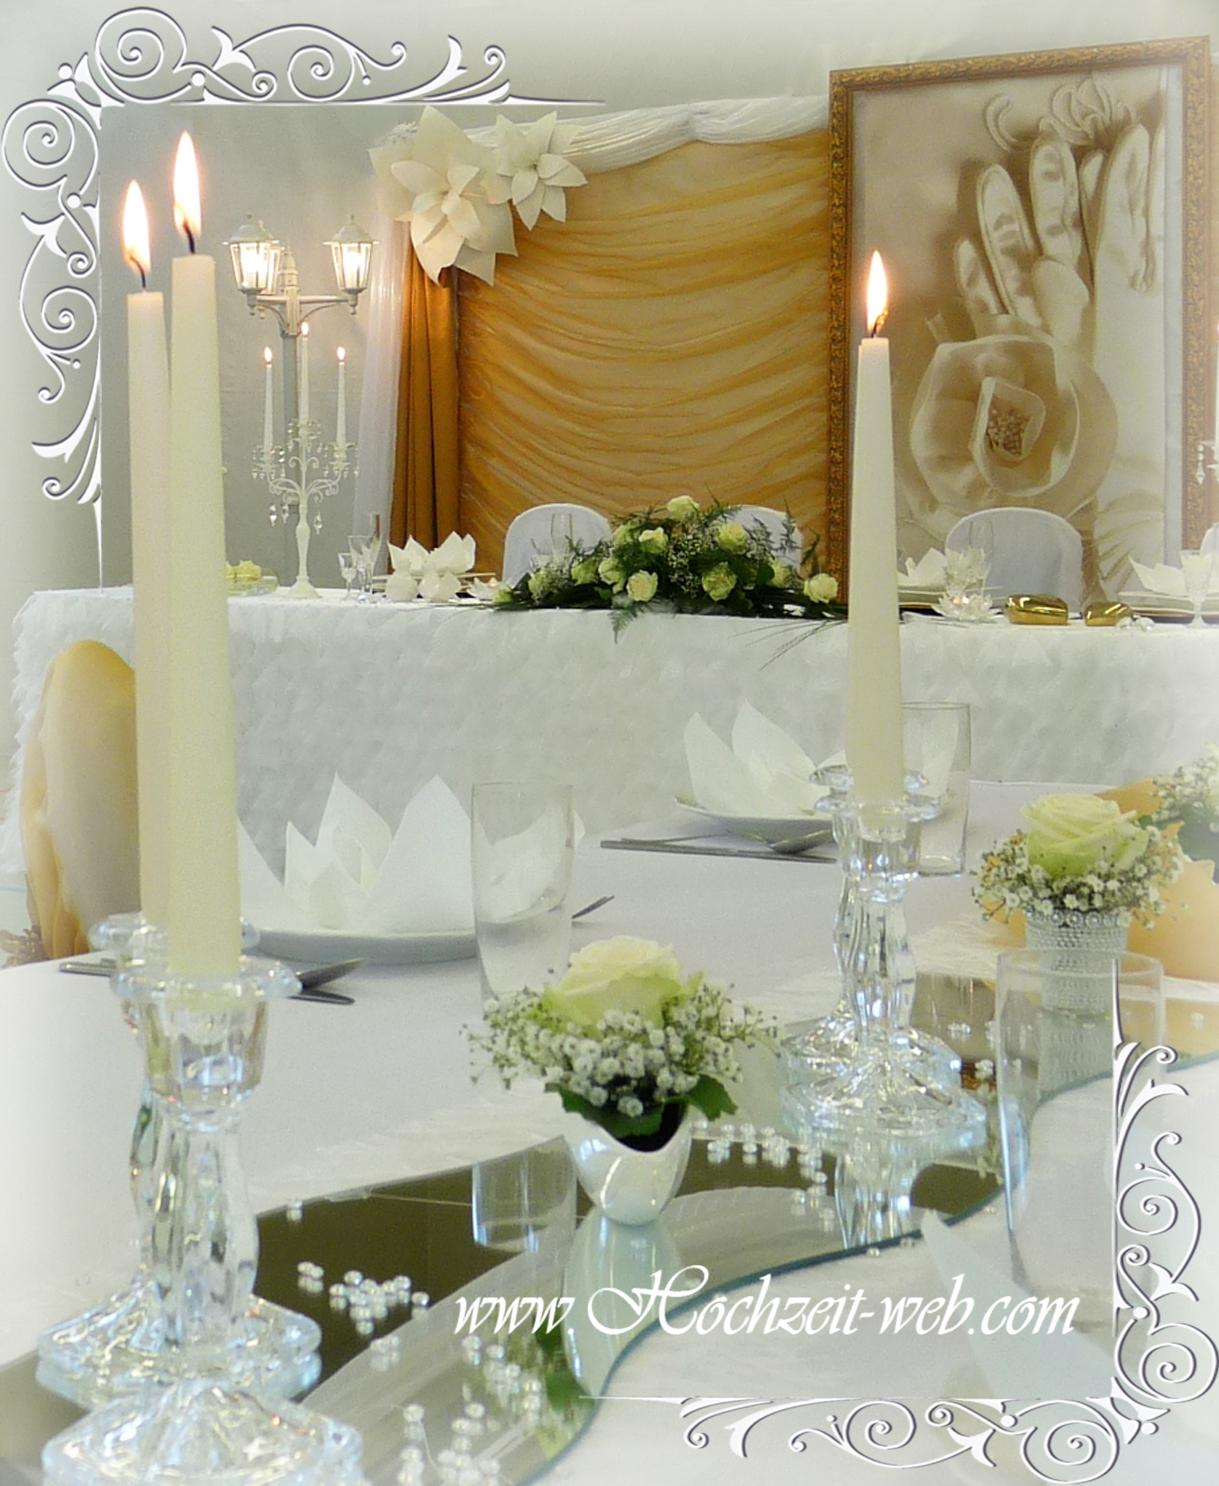 Runde Tische Mieten war schöne ideen für ihr haus design ideen